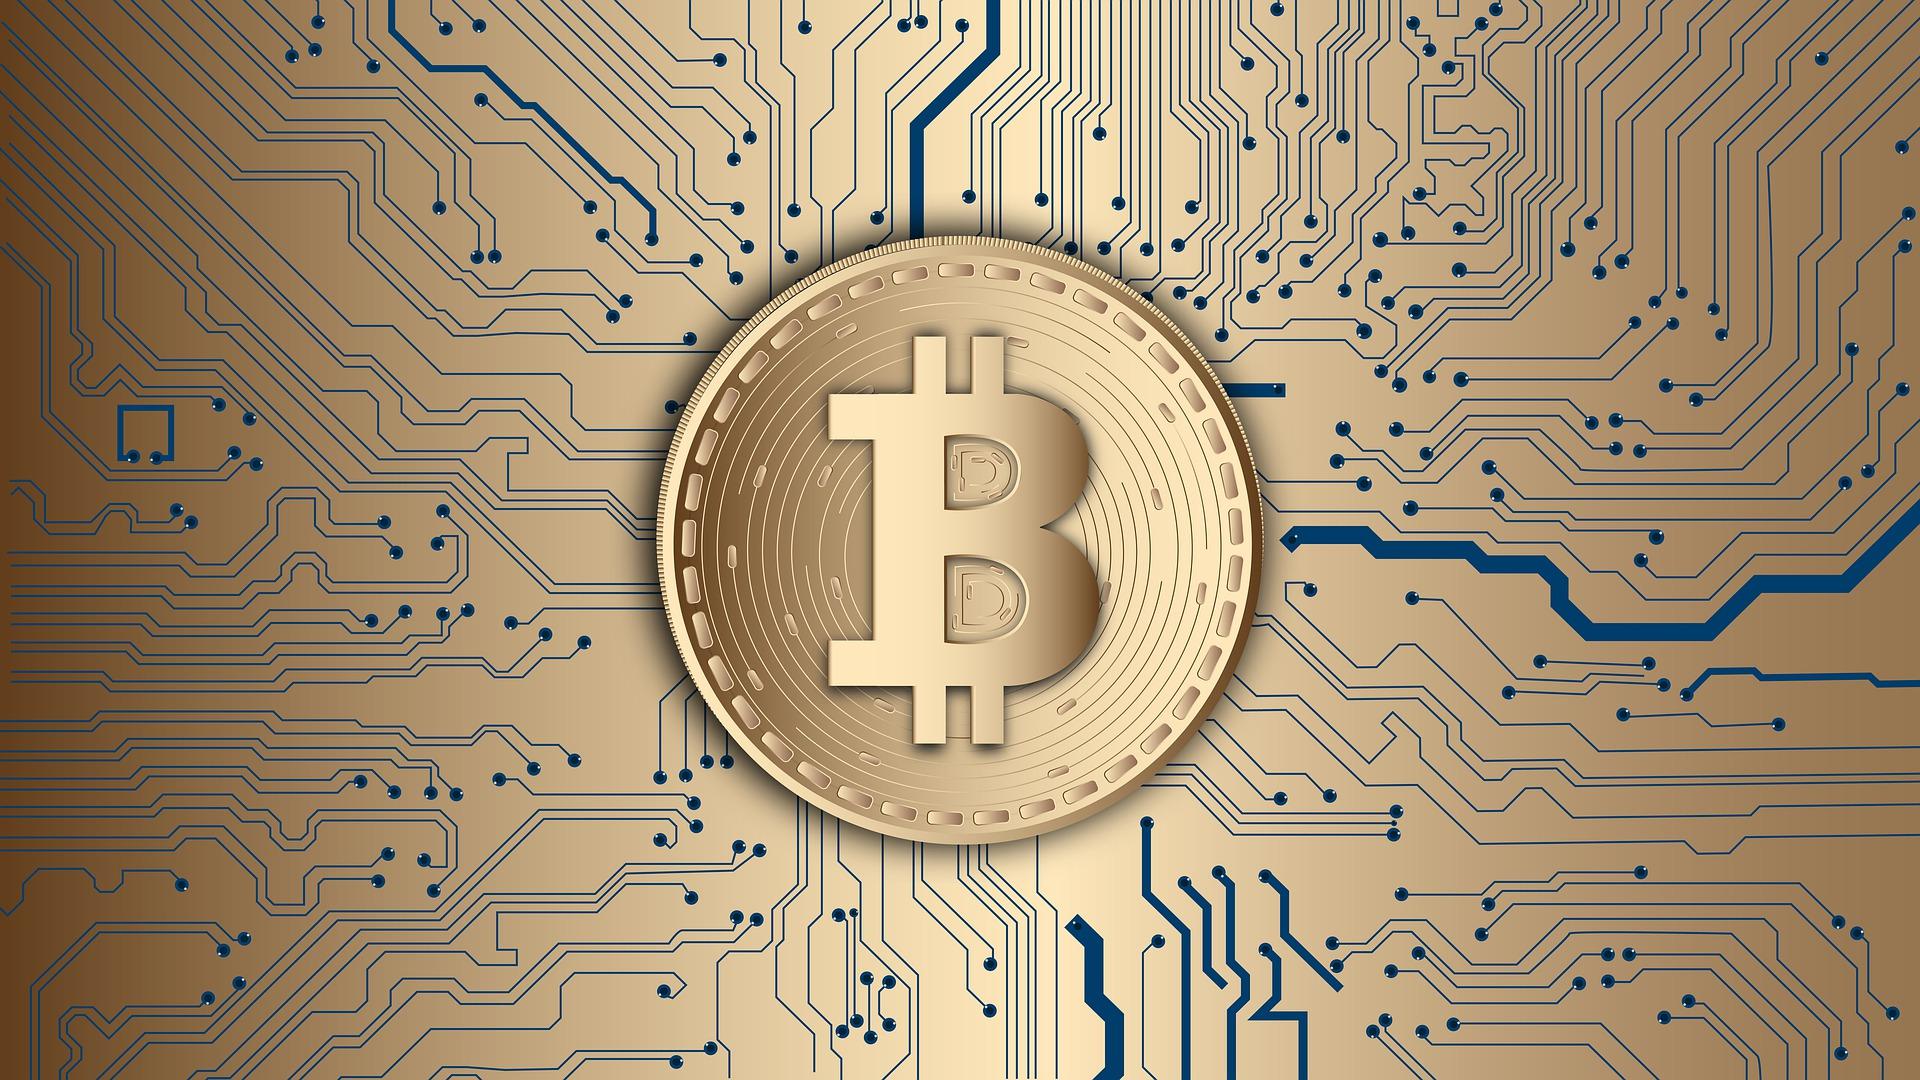 Tiešsaistes kazino zināmākā kriptovalūta bitcoin